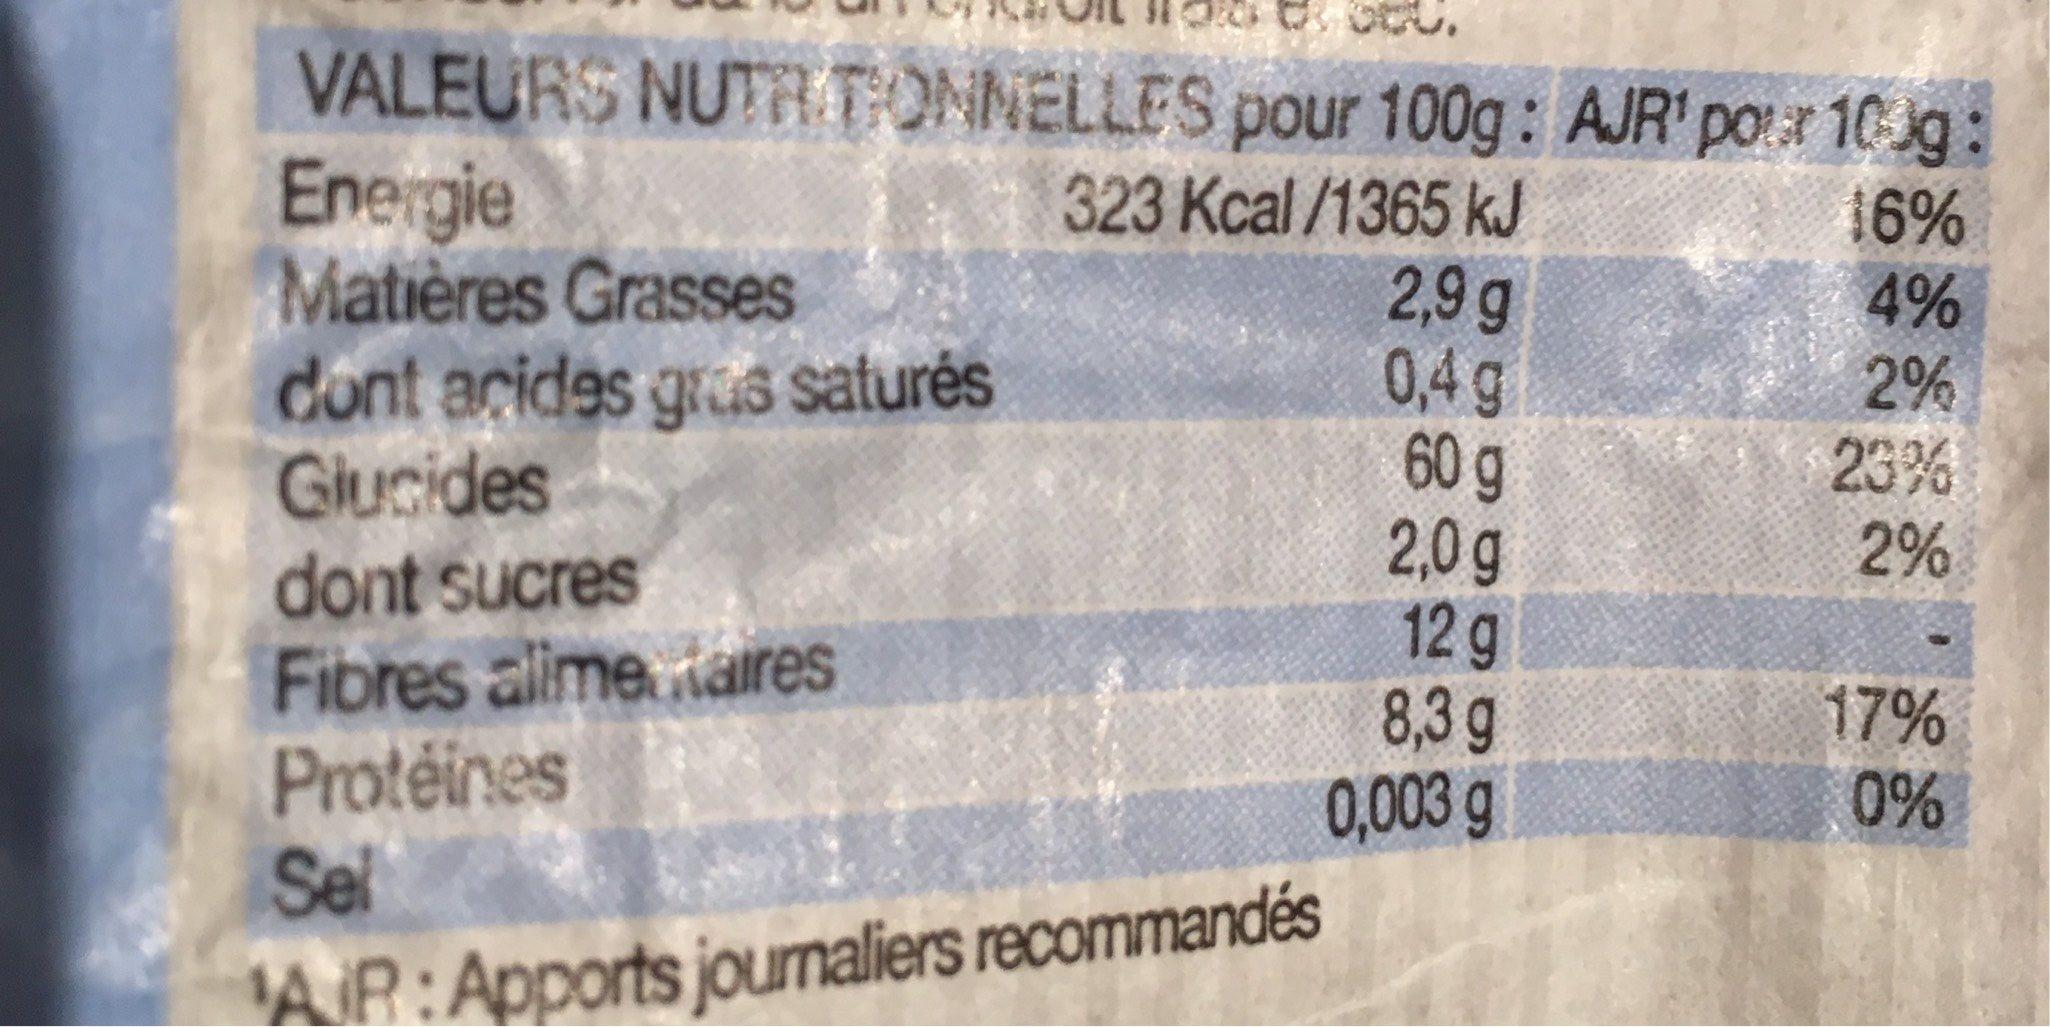 Maccheroni multicereales - Voedingswaarden - fr